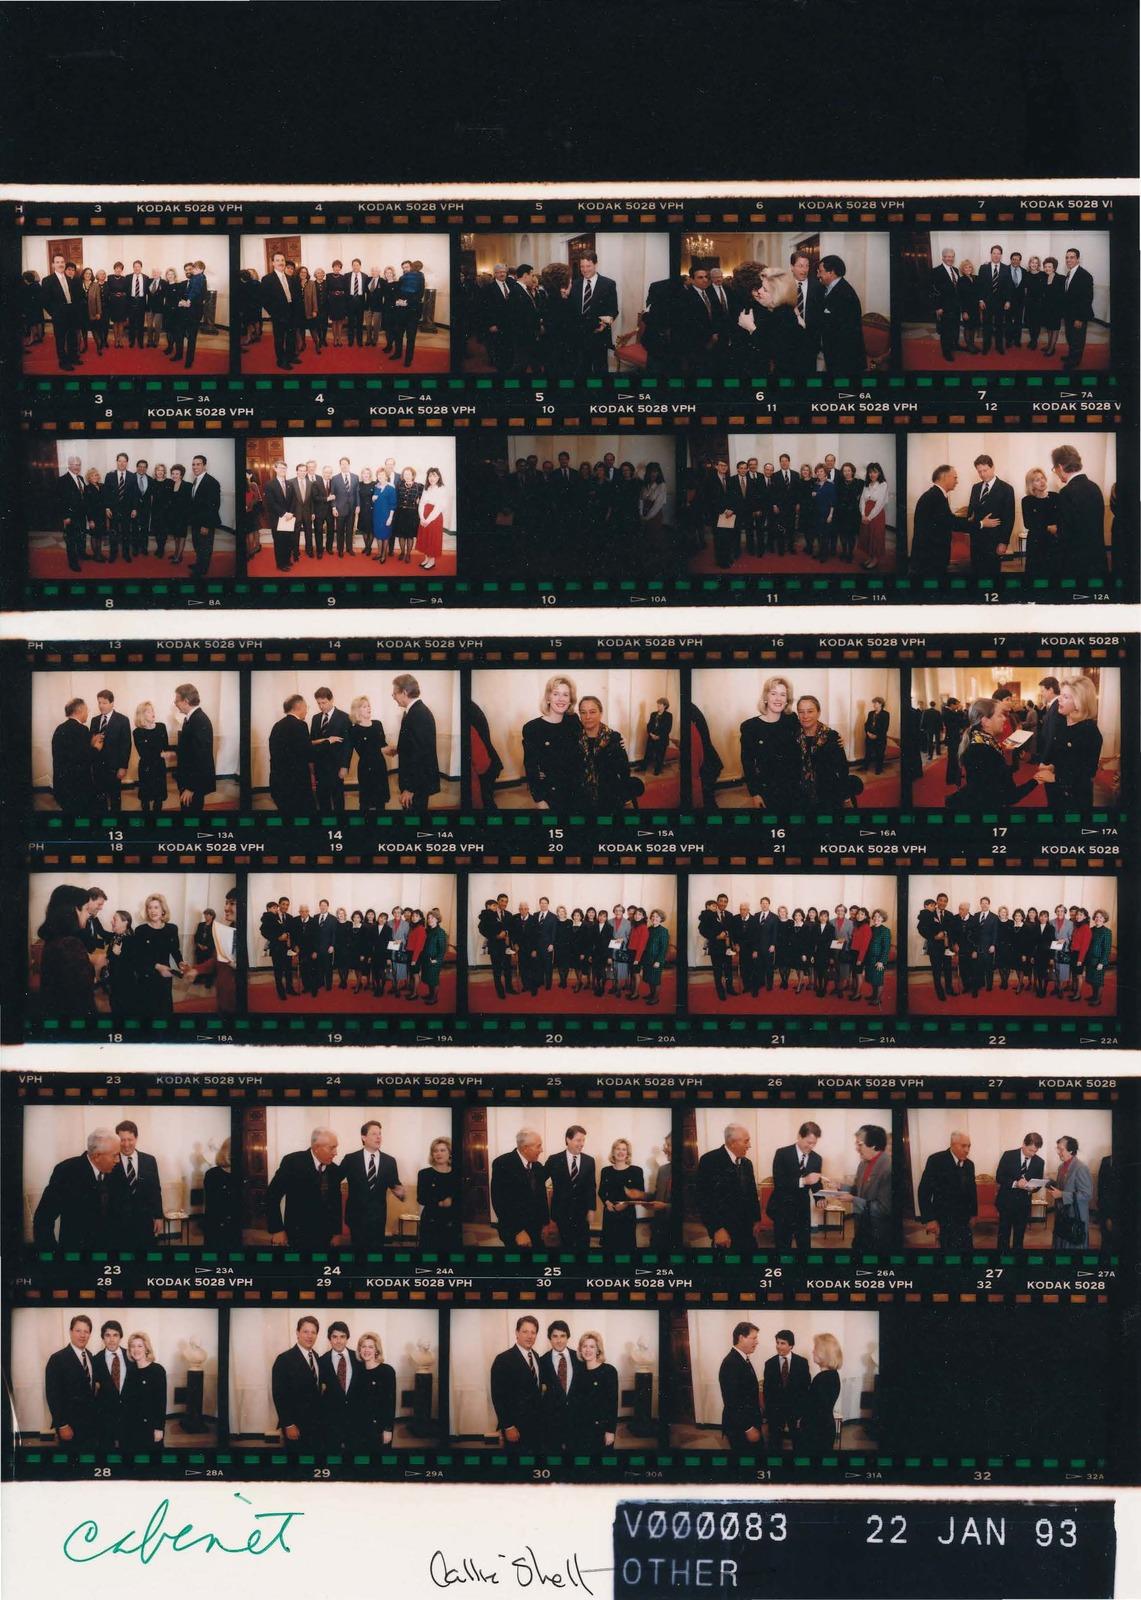 V000083, January 21, 1993